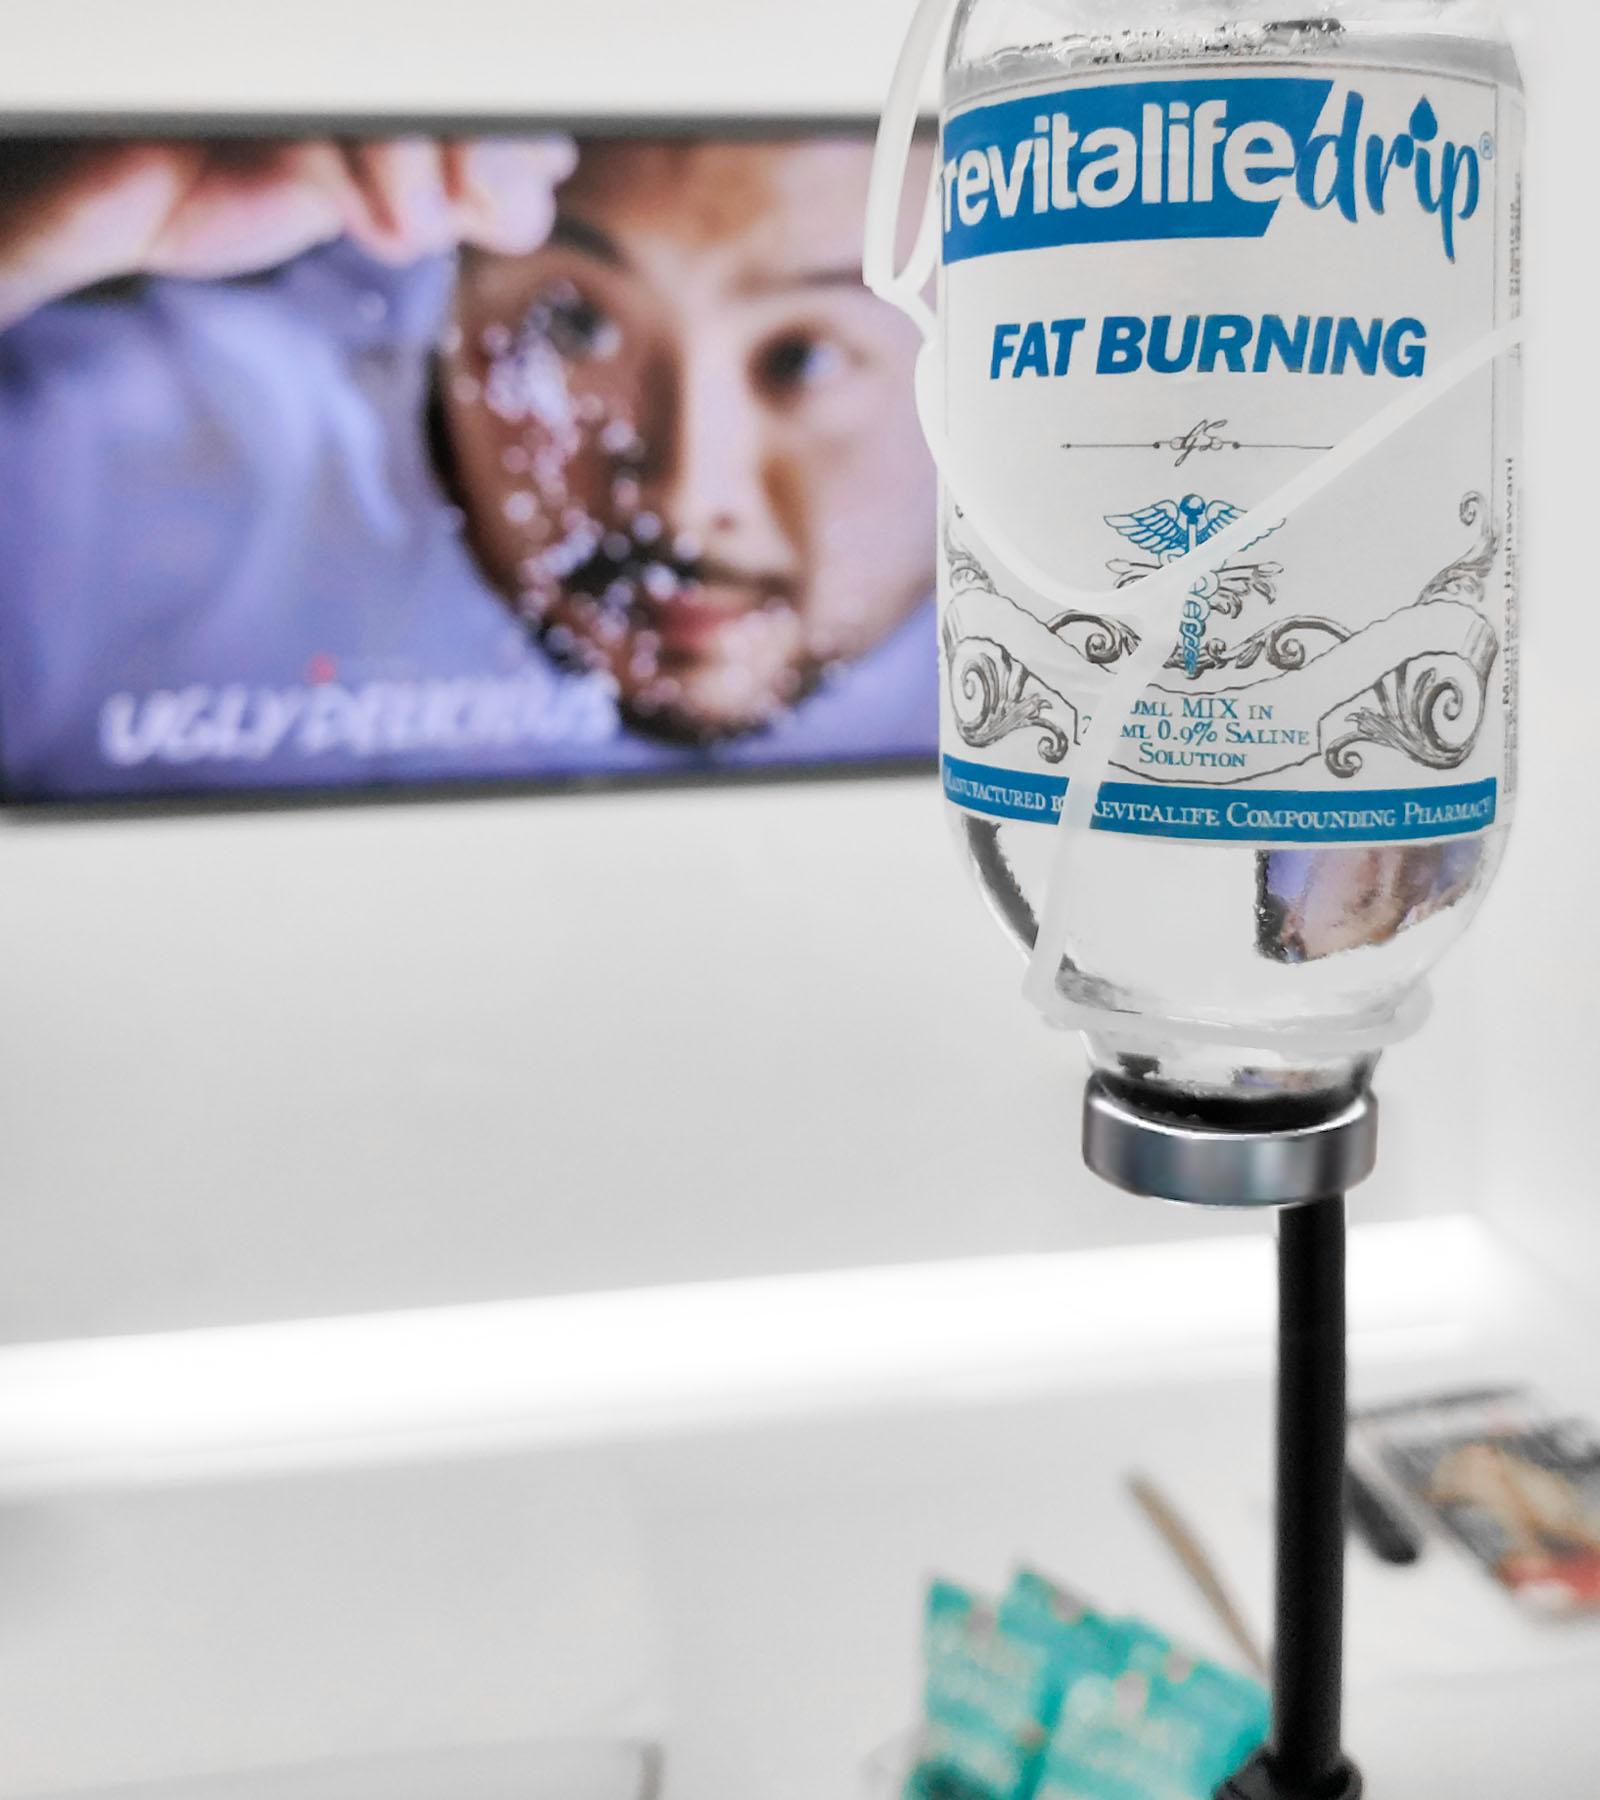 Revitalife drip fat burner